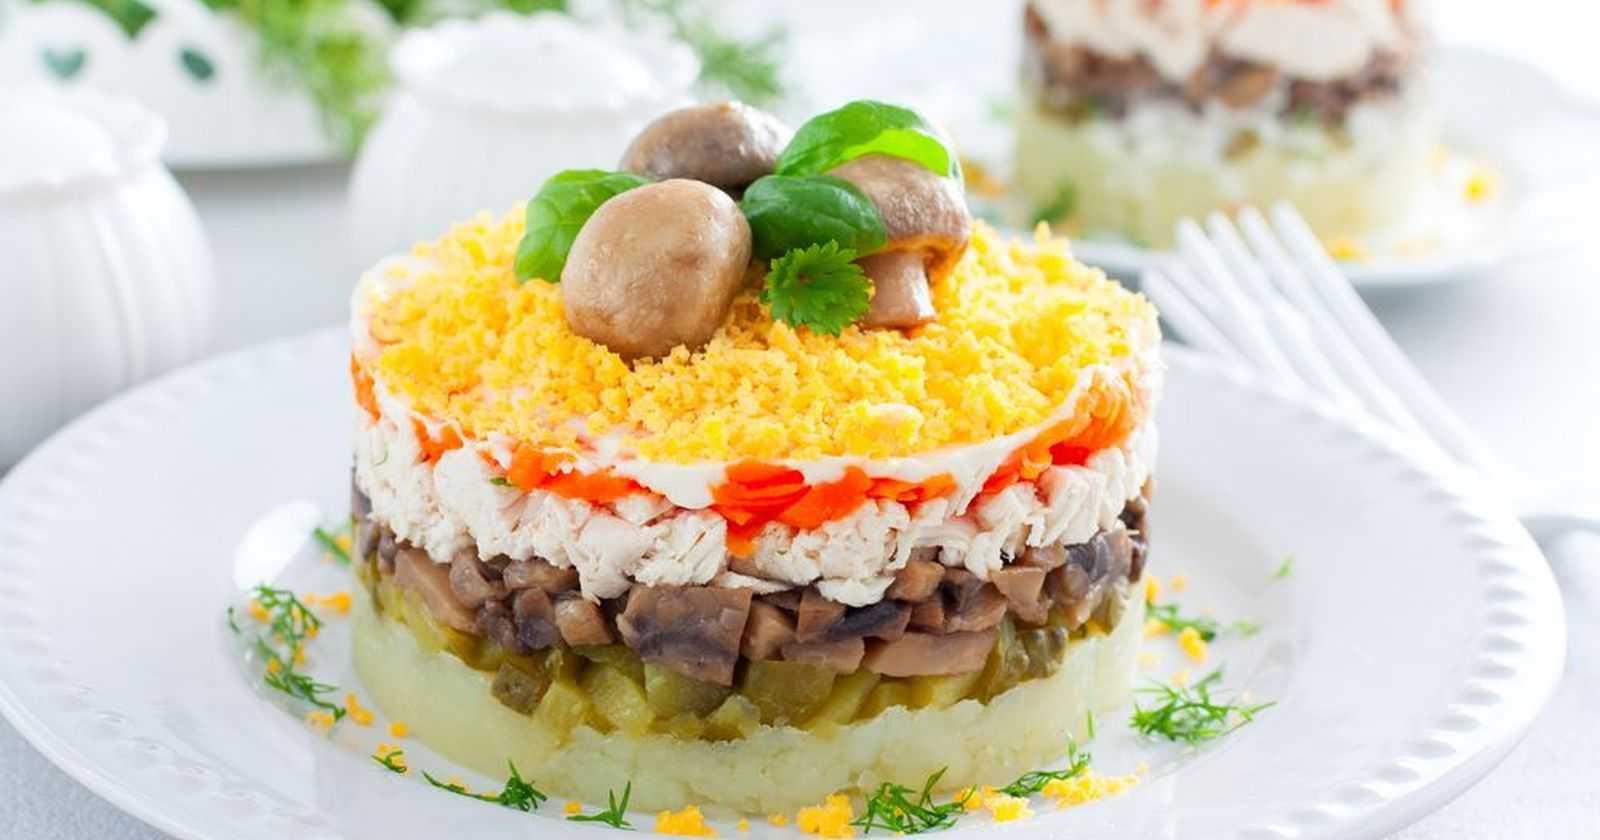 Салат курочка ряба с курицей и грибами – нежное вкусное блюдо: рецепт с фото и видео